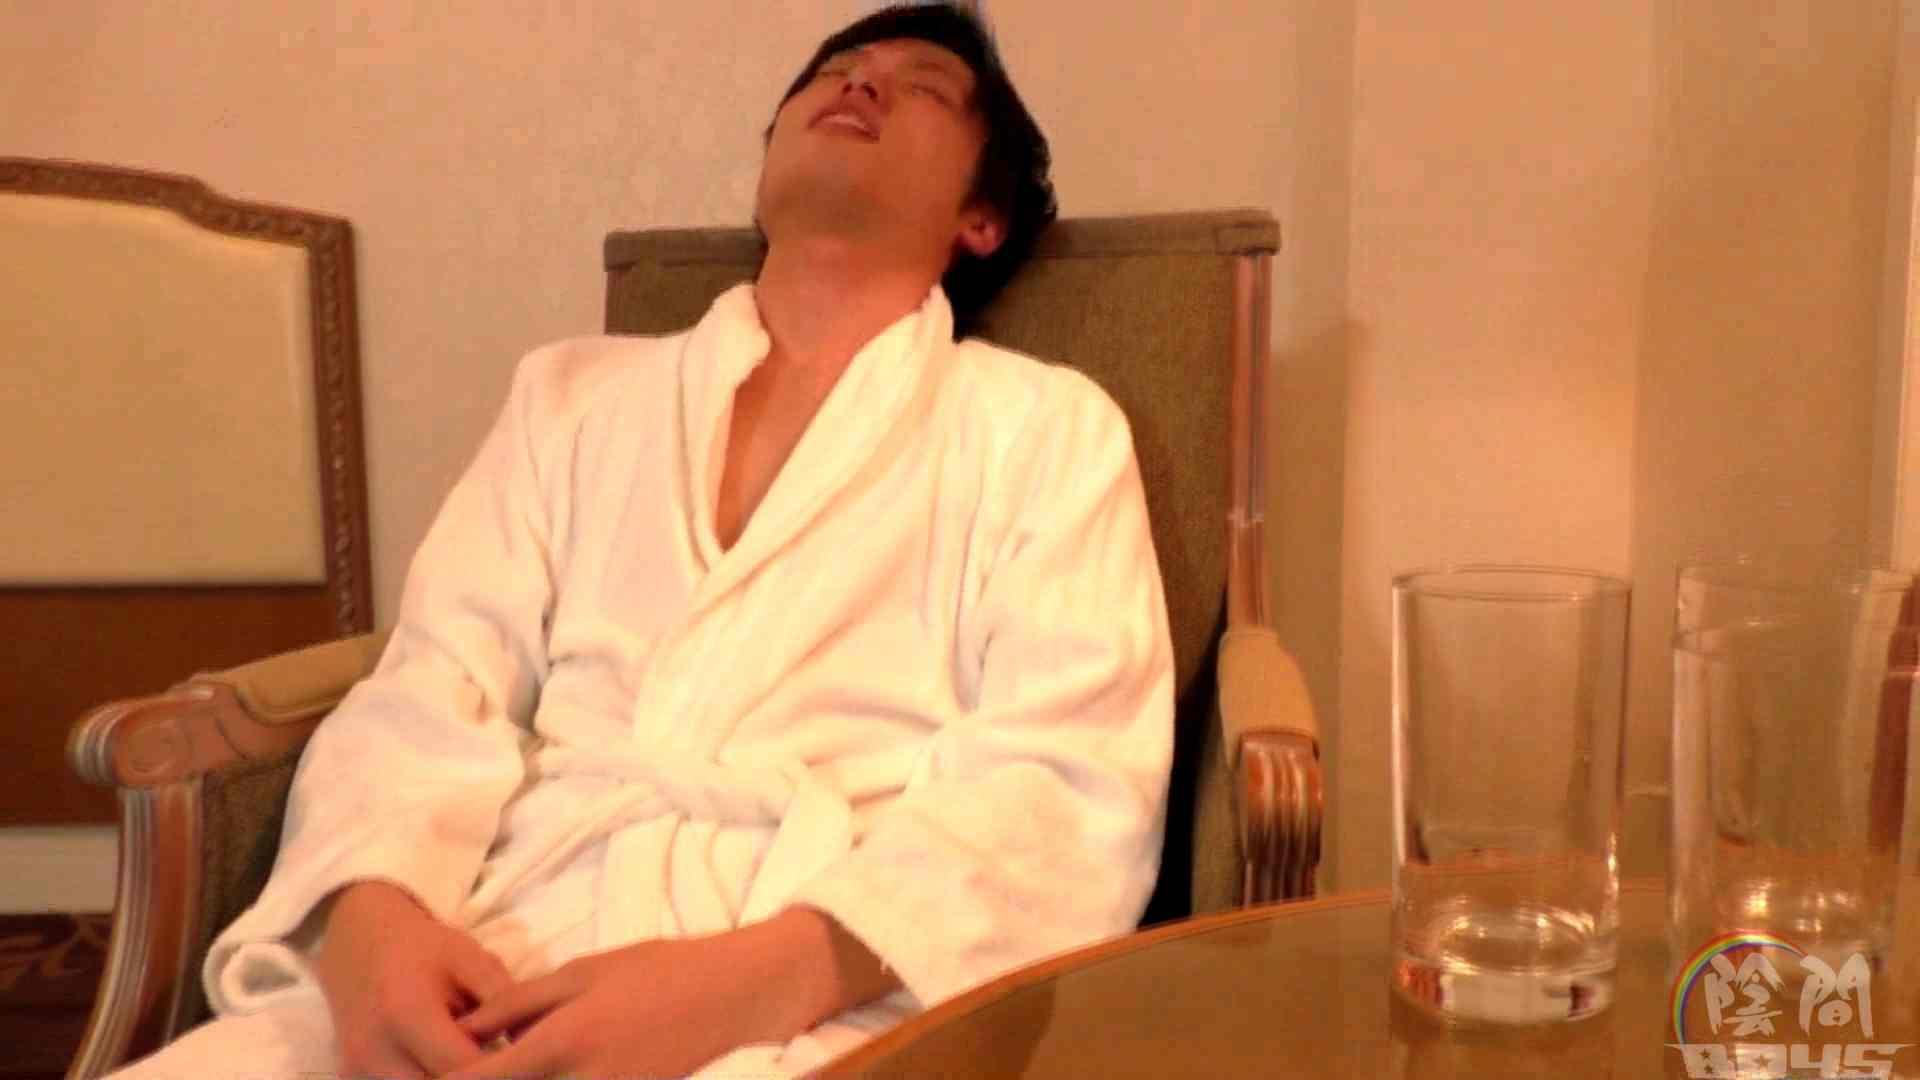 陰間BOYS~AV男優面接2、俺のアナルが…~03 ゲイ悪戯 ゲイ無修正動画画像 64pic 54